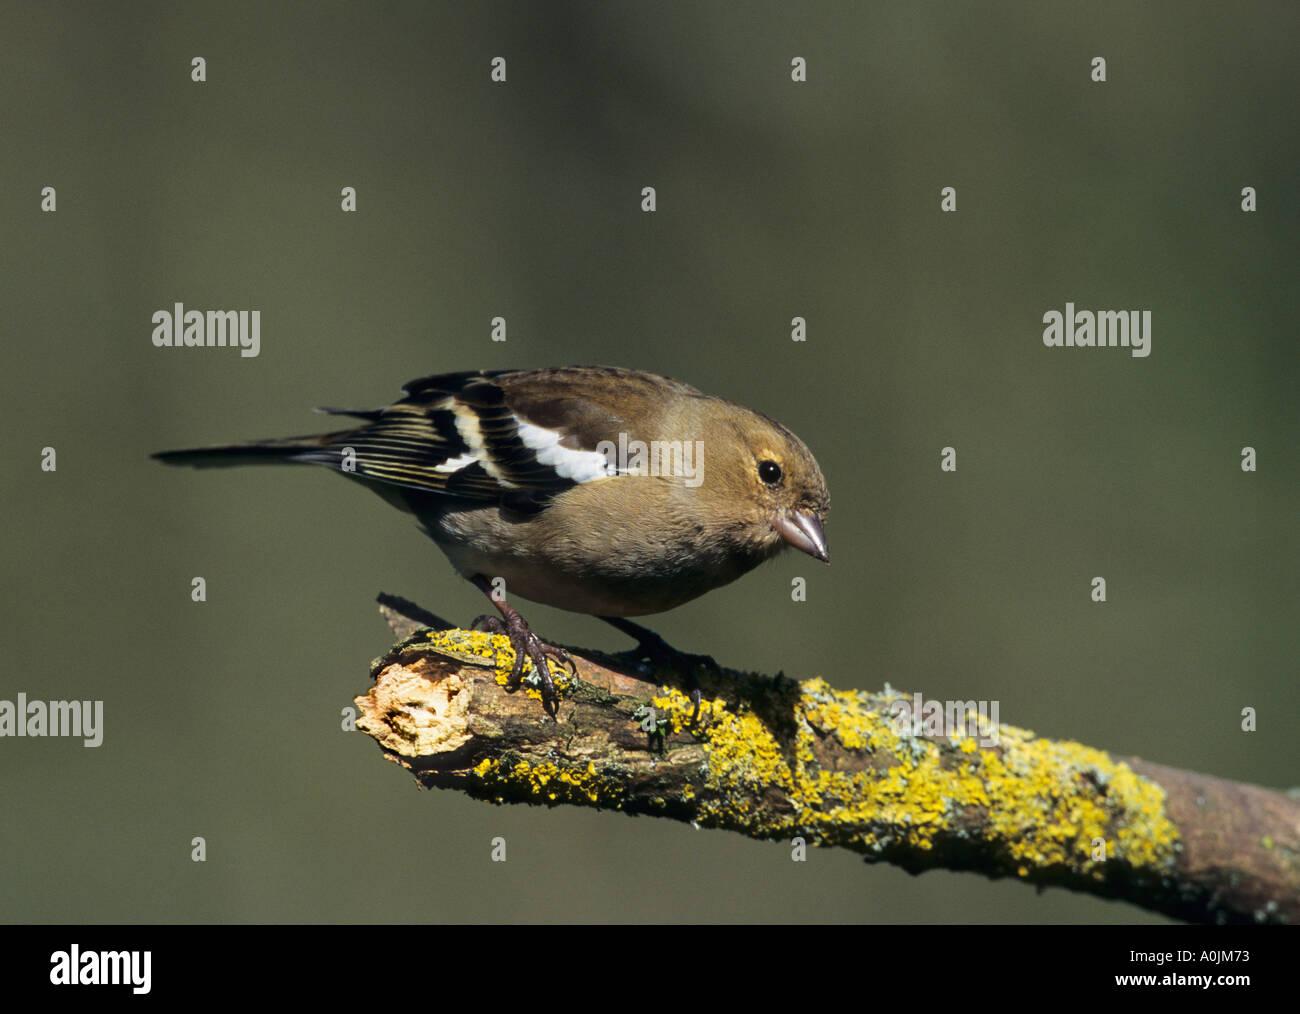 Chaffinch female Fringilla coelebs - Stock Image